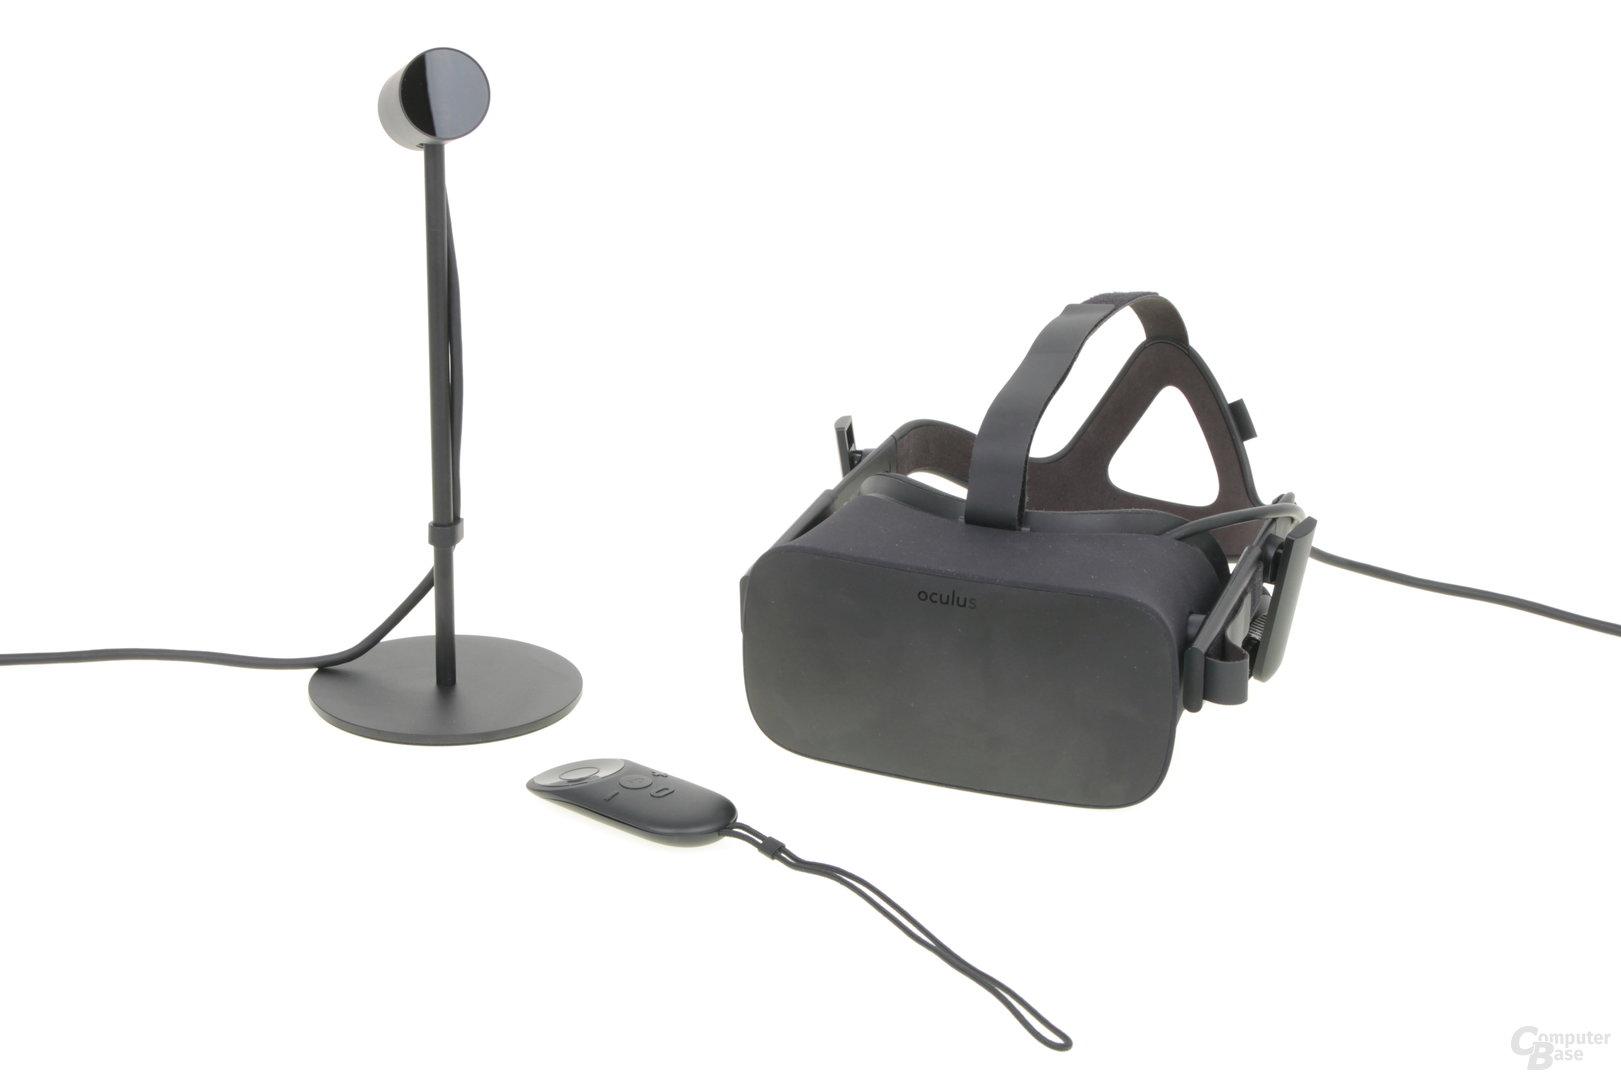 Kamera, Fernbedienung und Headset